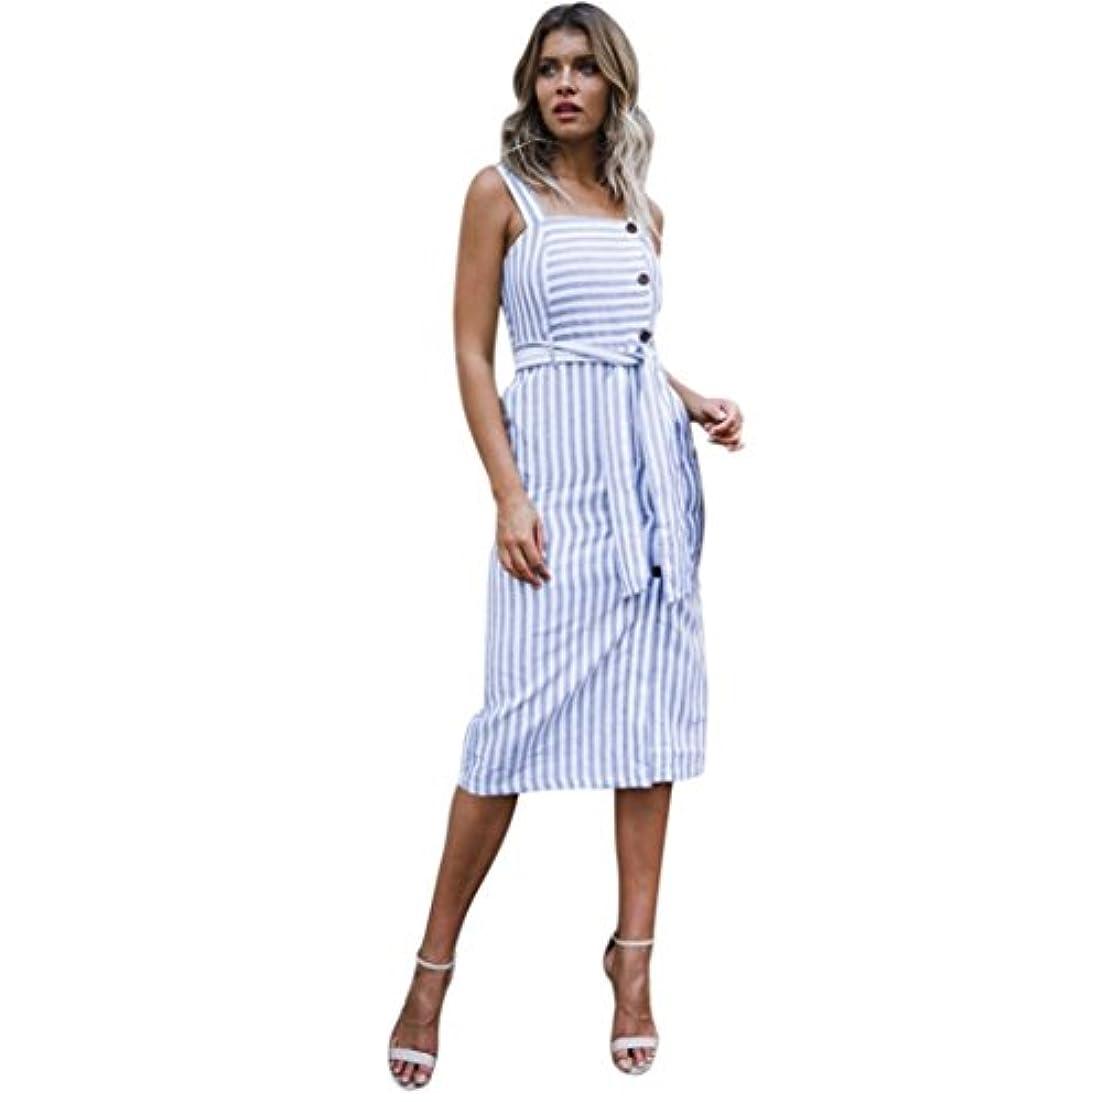 ピンポイント脅迫盗難SakuraBest Womens Summer Striped Button Down Dress,Shoulder Strap Knee-Length Dress for Girls (M)